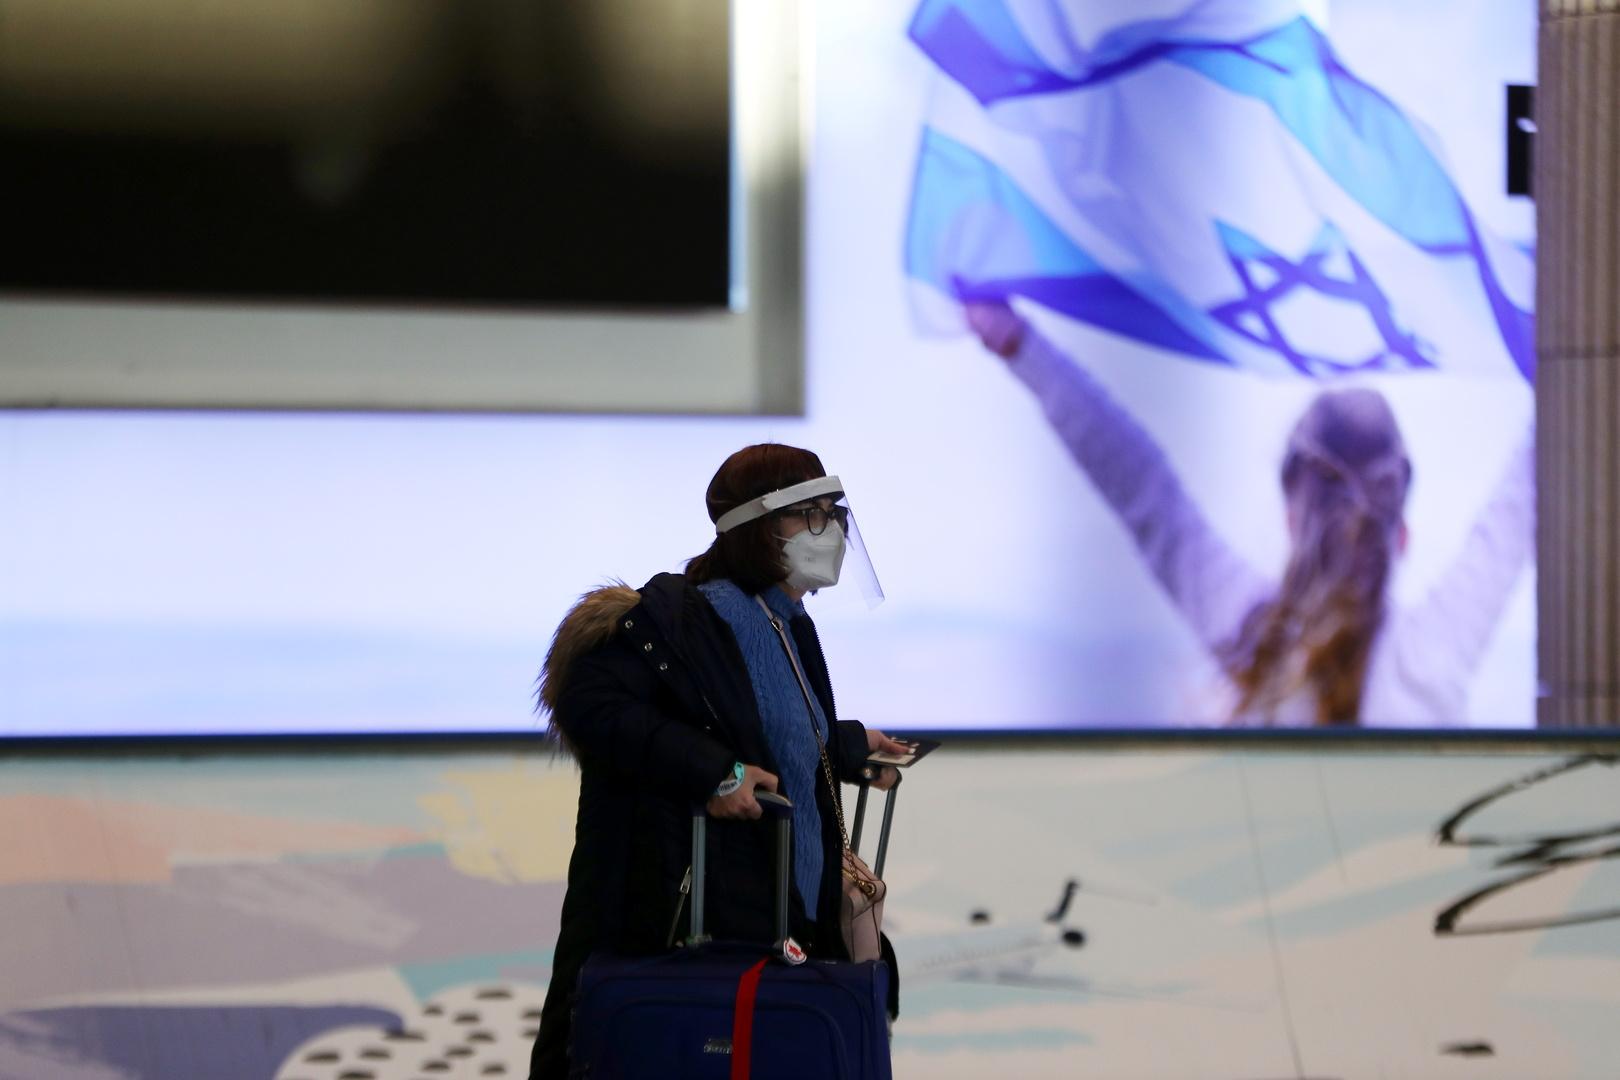 إسرائيل تدرس خطة للسماح بدخول السياح الأجانب